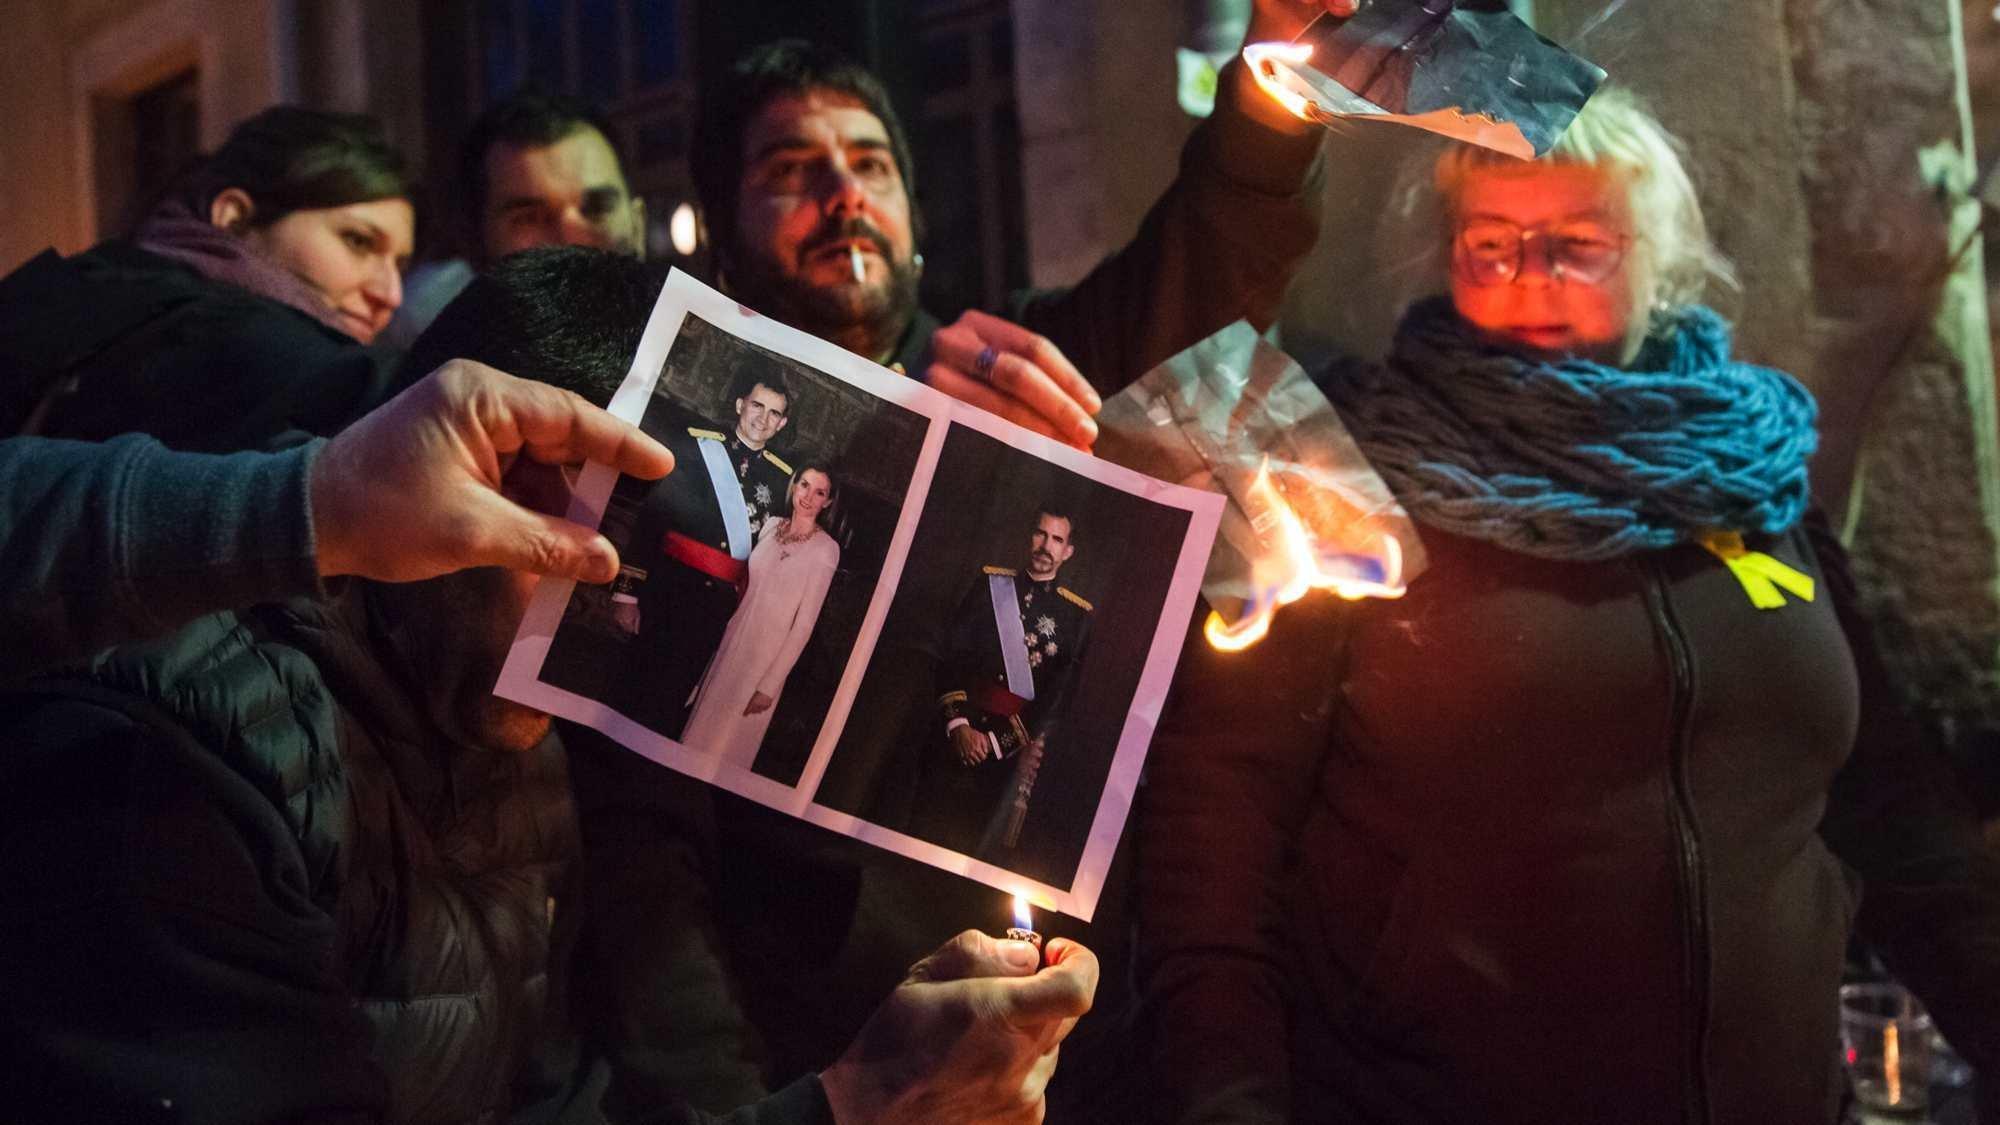 Öffentliche Bilder-Verbrennung als Protest gegen den spanischen König in Girona